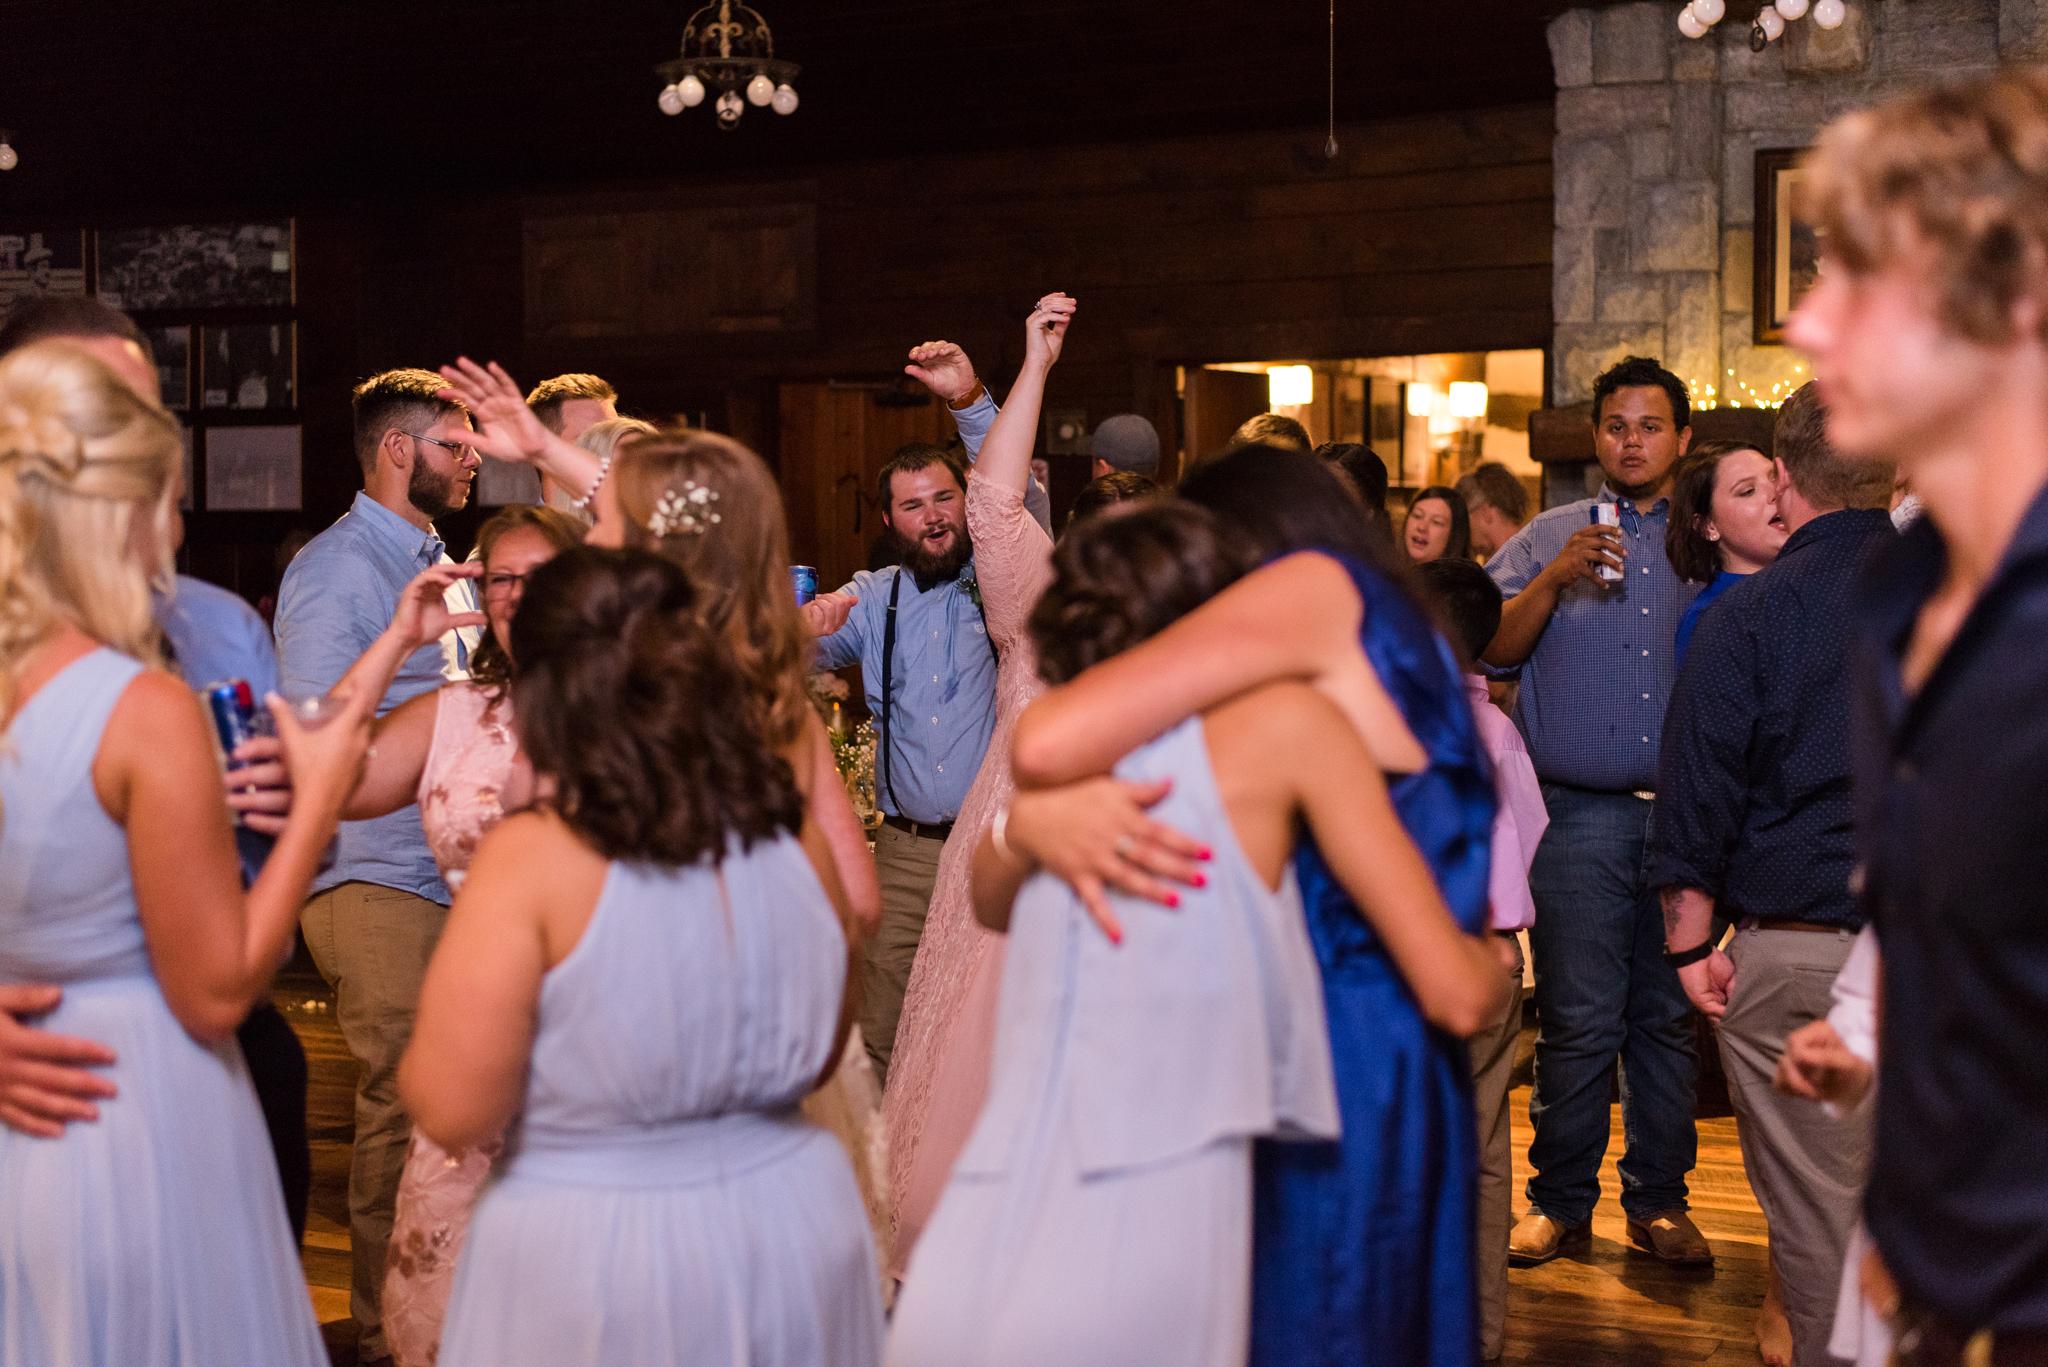 dancing at a Kentucky weddin